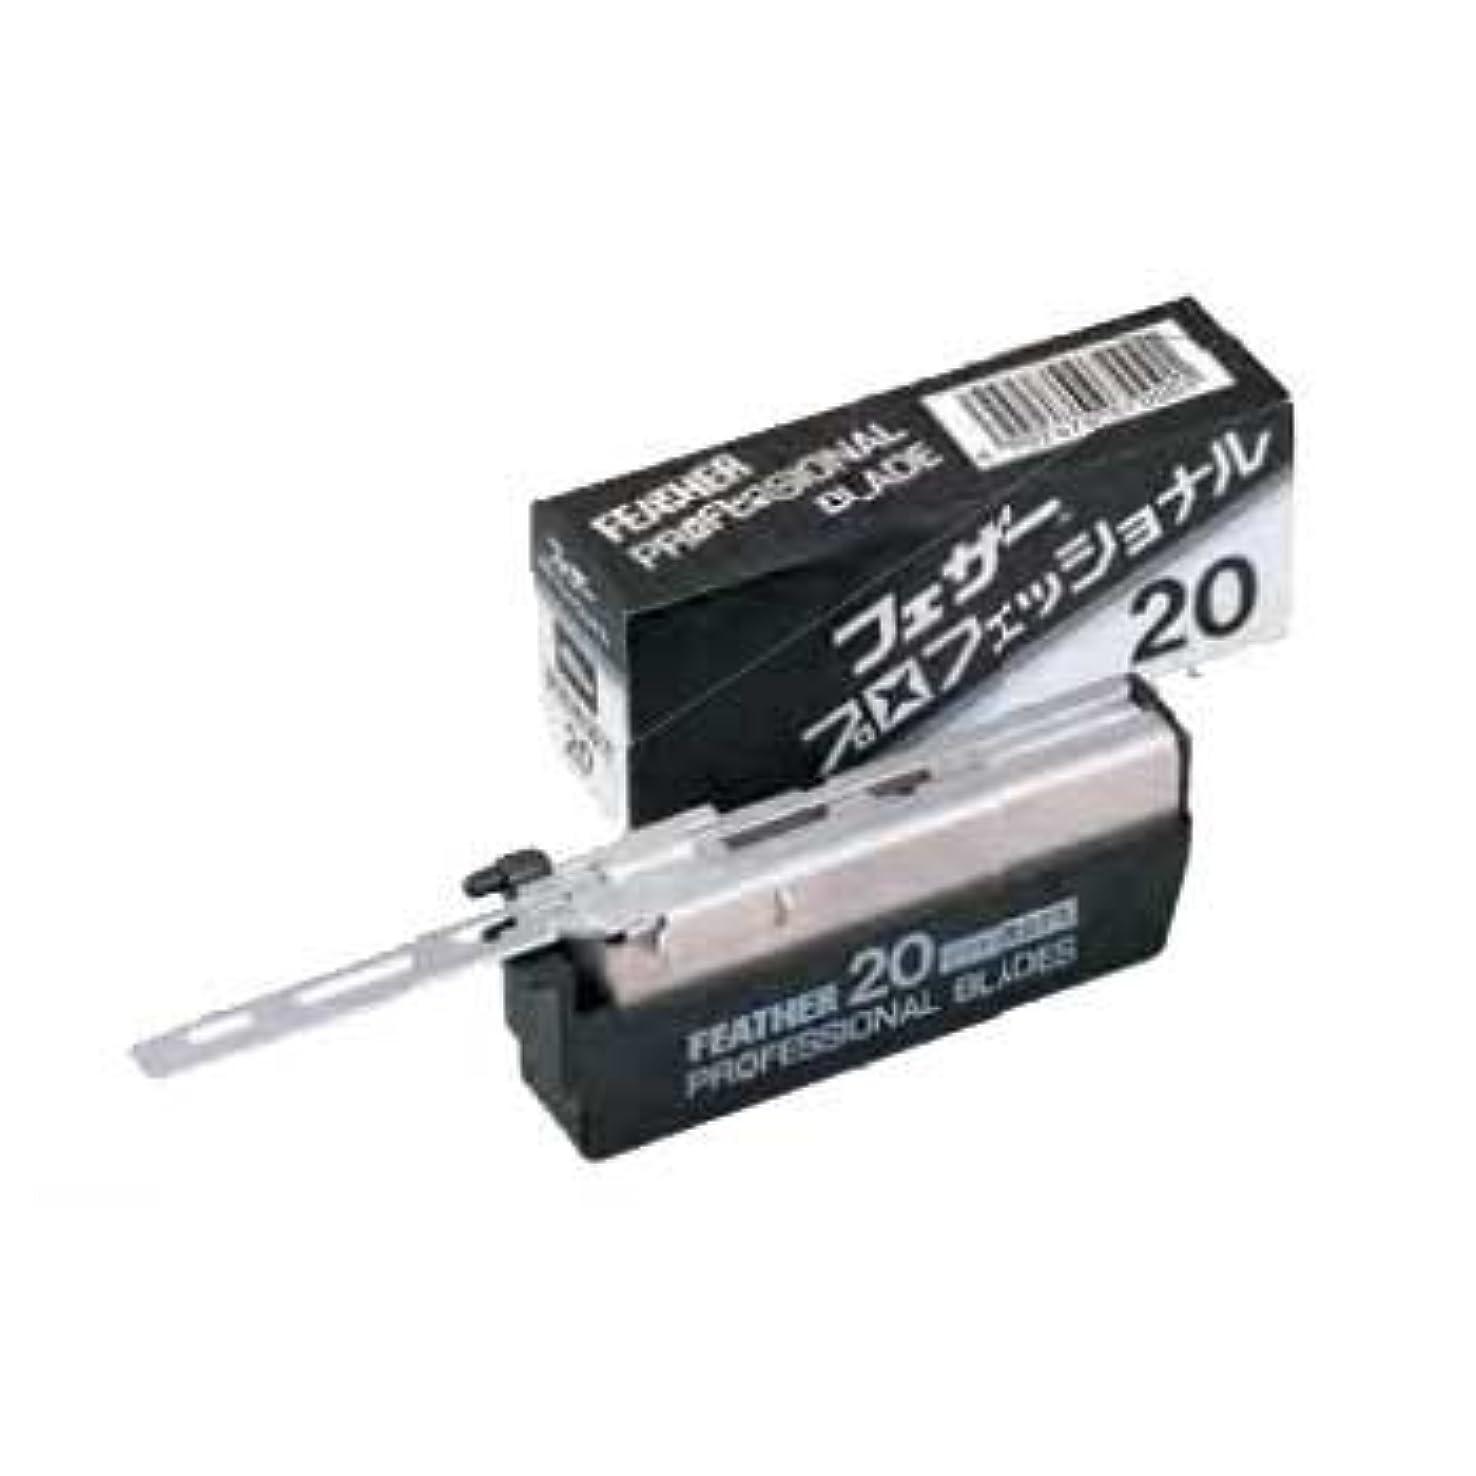 こっそり側溝いつでもフェザー プロフェッショナル標準刃 PB-20 20枚×10 替刃 発売以来永年支持され続けるベーシックタイプはあらゆるヒゲに対応 FEATHER アーティストクラブ用替刃